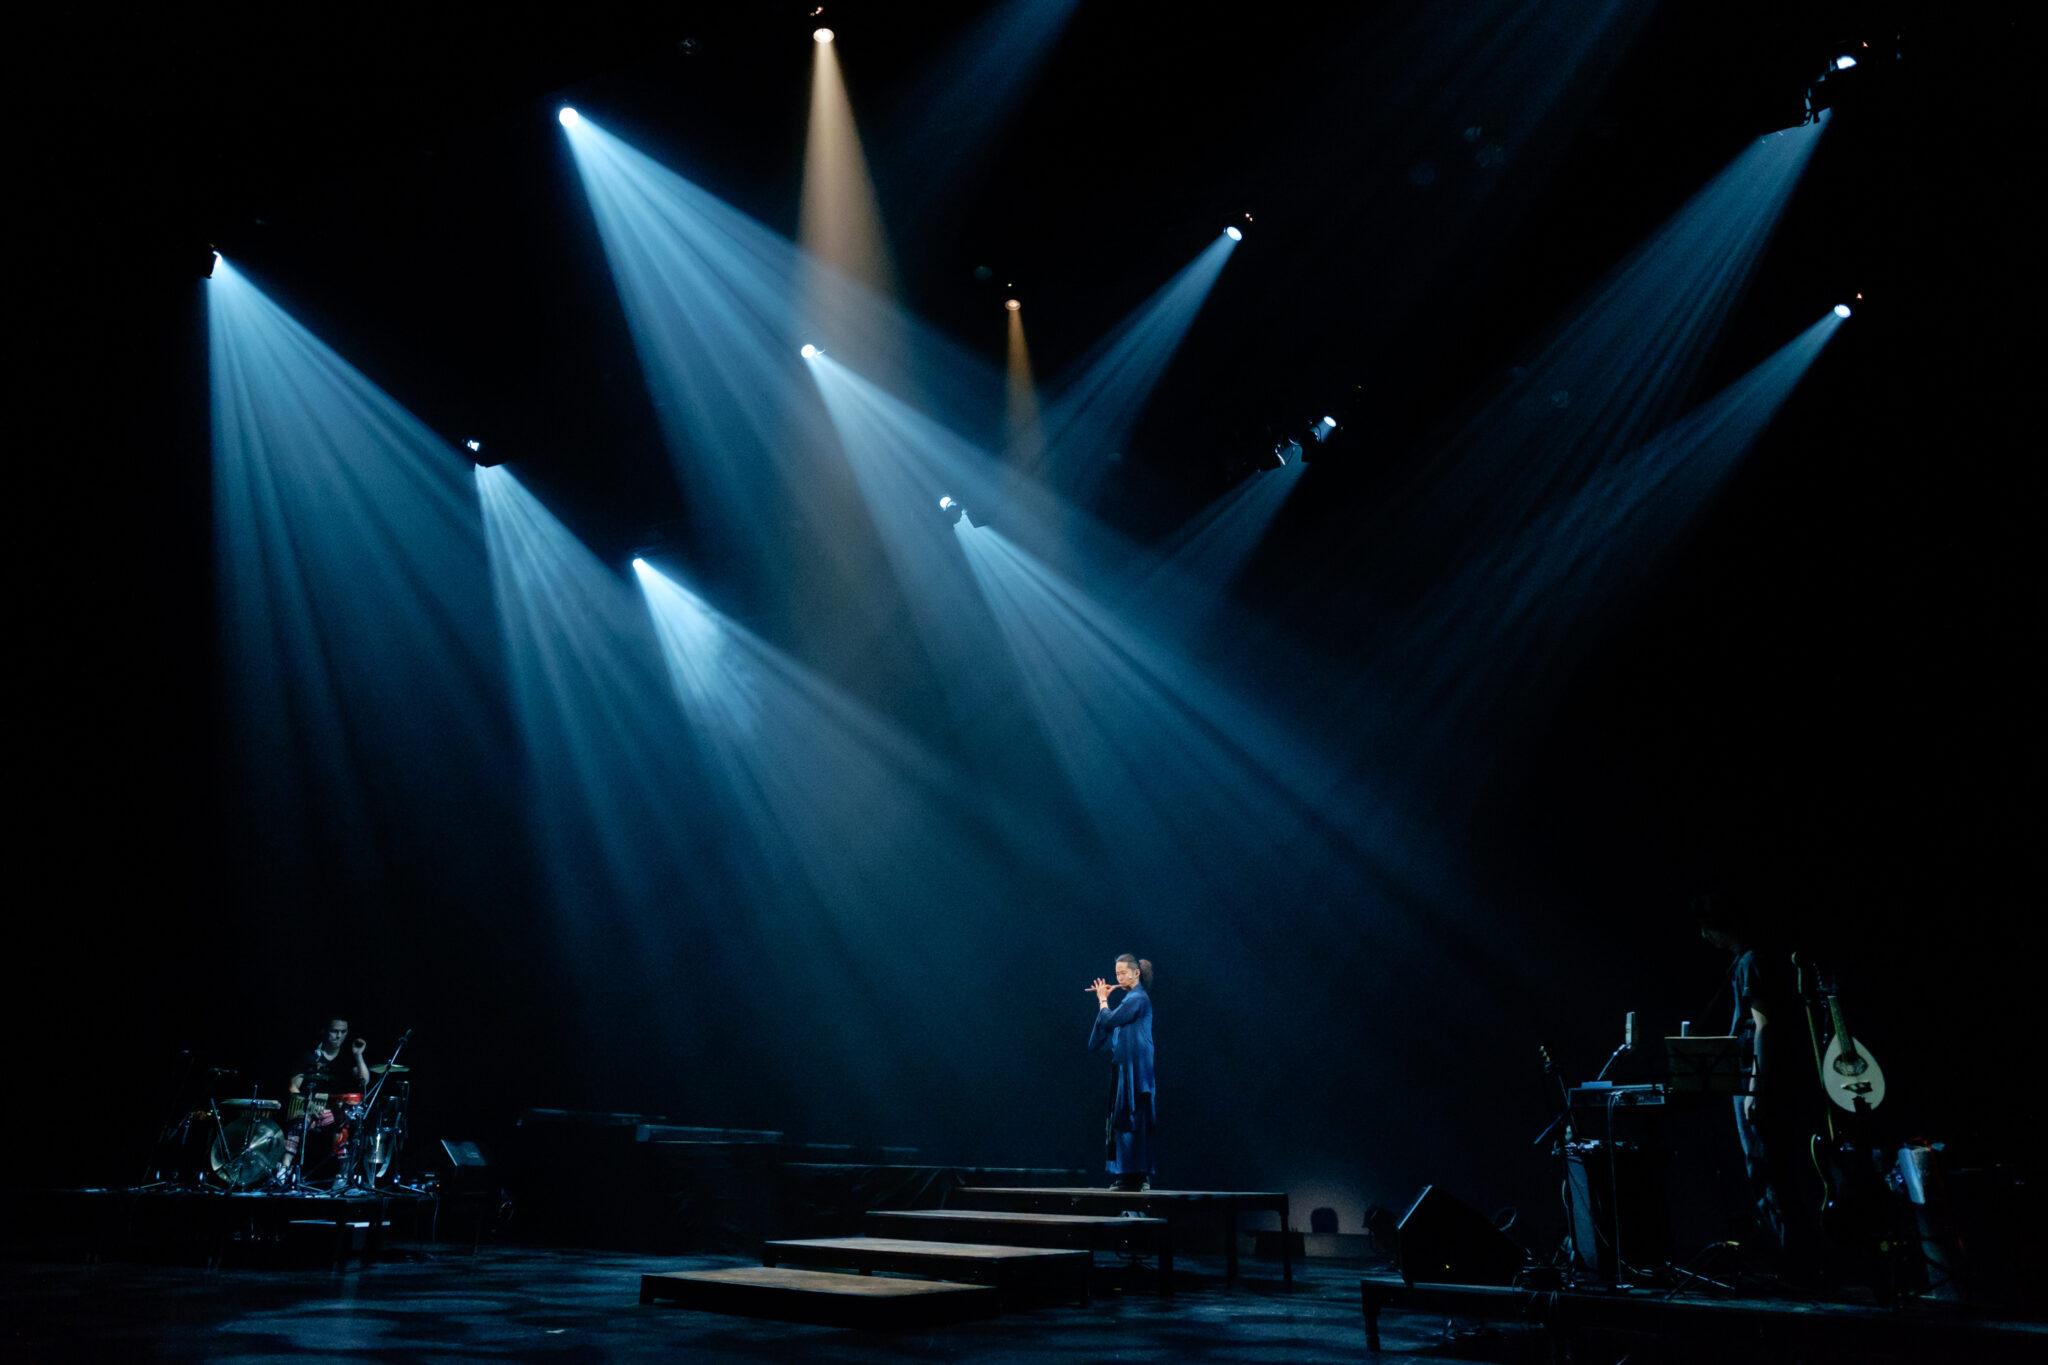 舞台照明-奏で